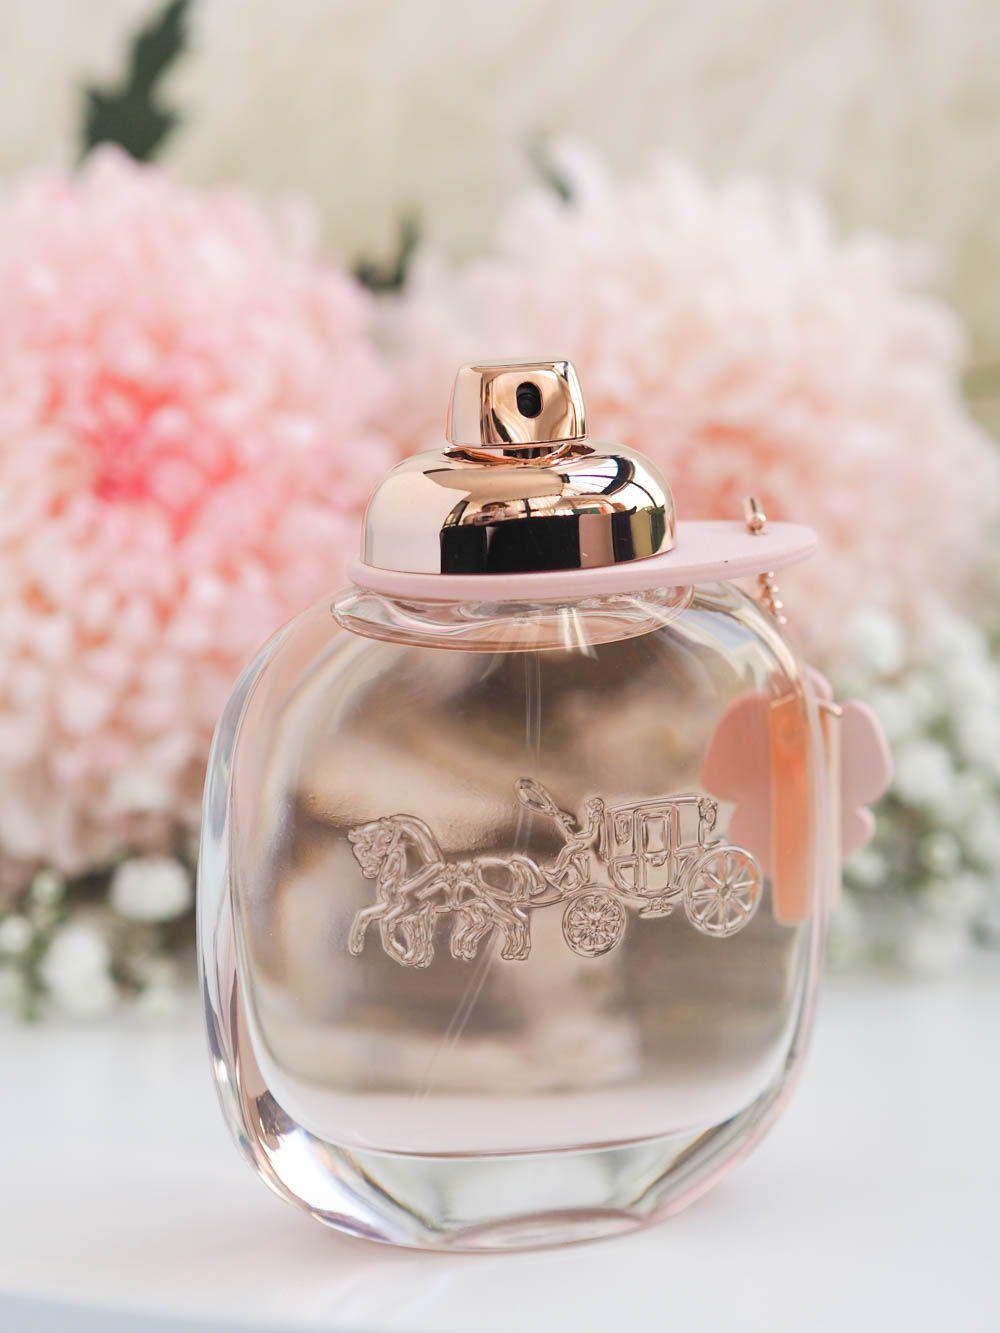 Summer Scent Coach Floral Eau De Parfum Review A Certain Romance Coach Floral Floral Perfumes Summer Fragrance